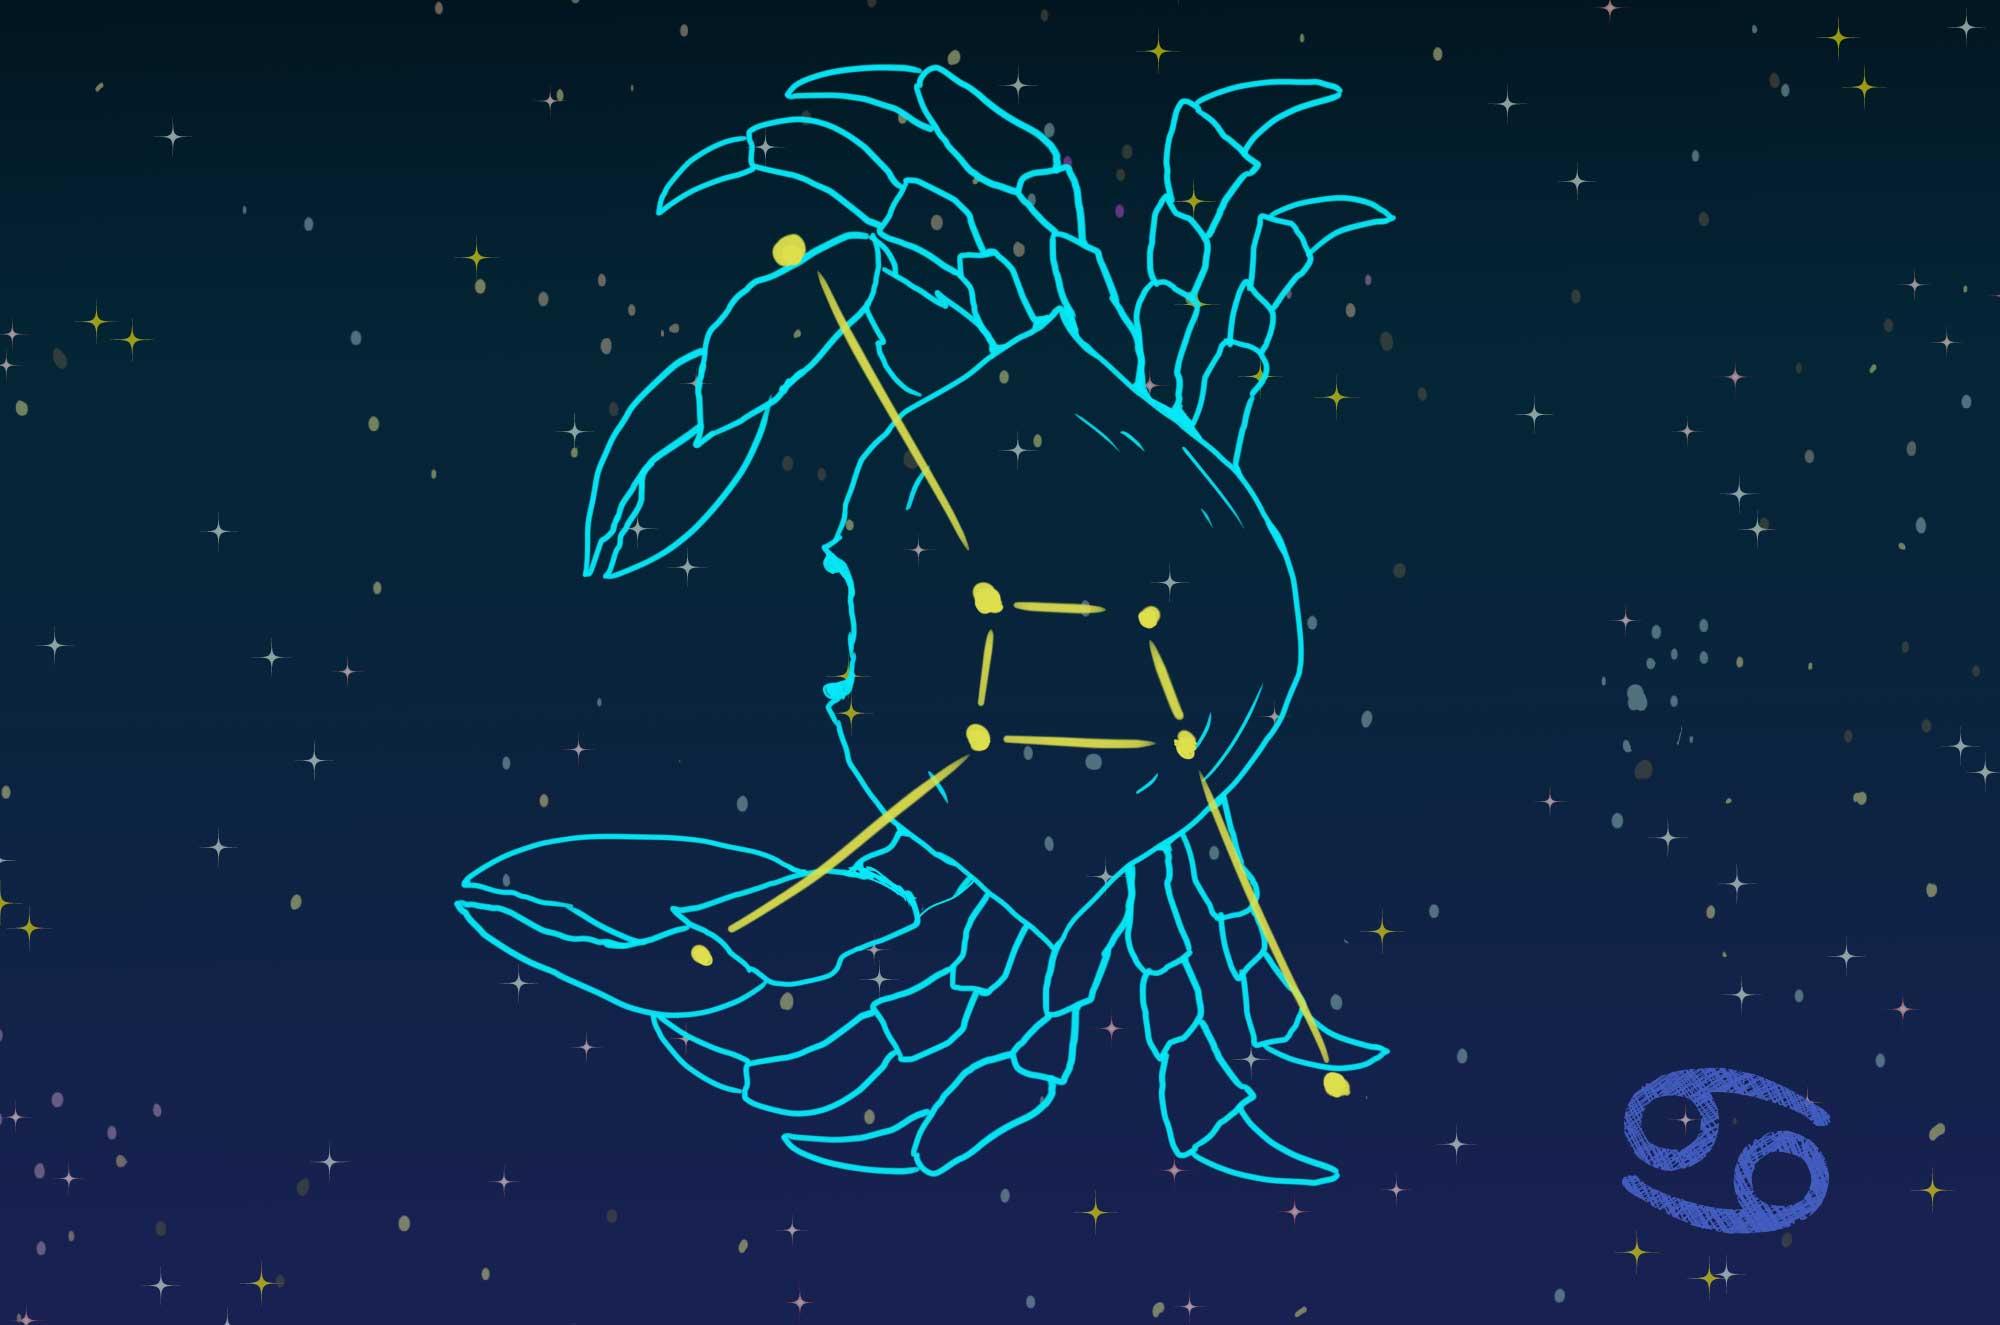 蟹座のイラスト - 可愛い星座の無料素材